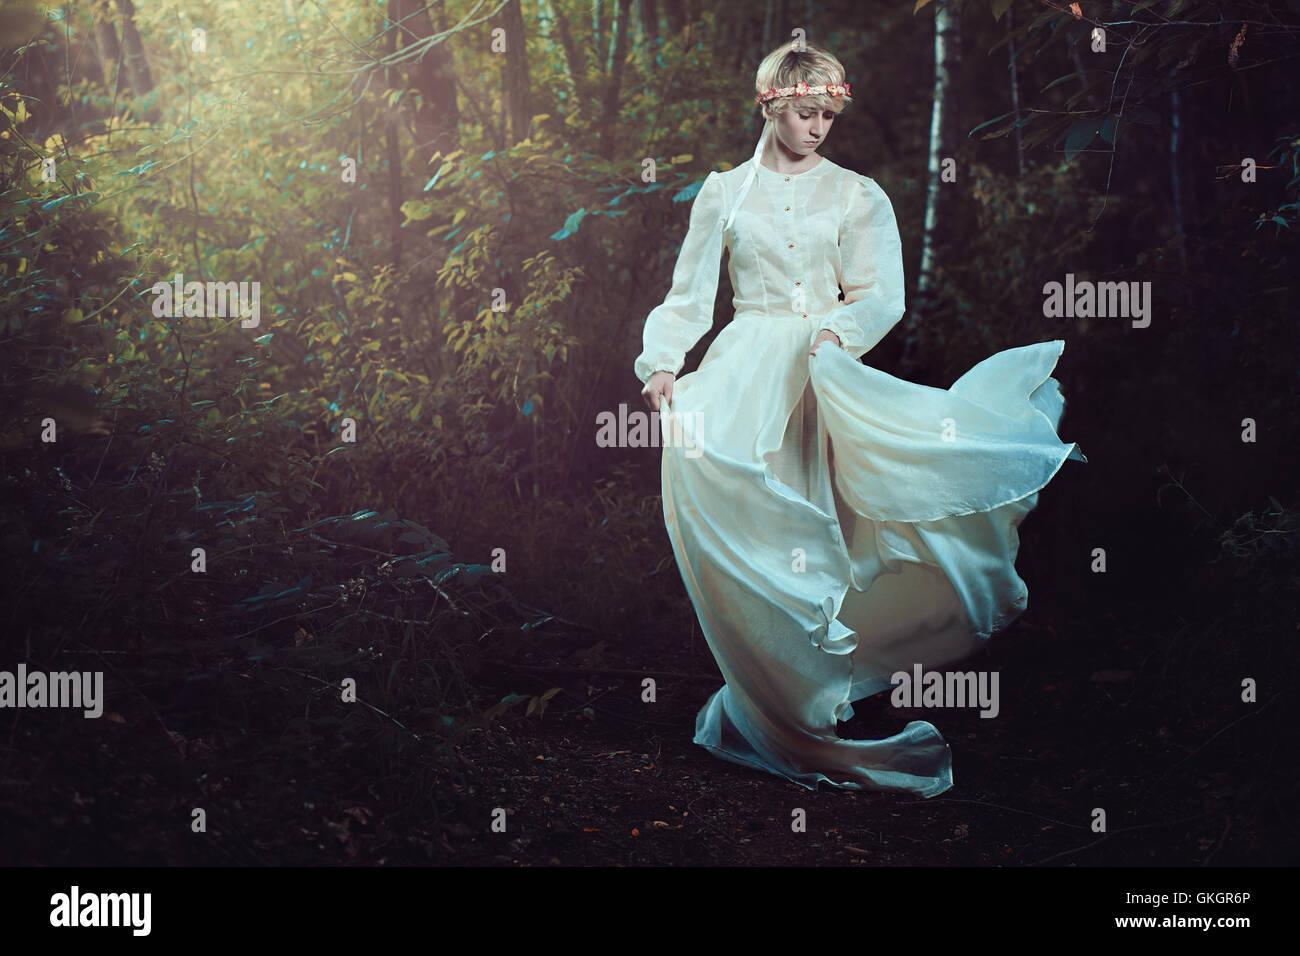 Junge Frau in verträumten Märchenwald Stockbild